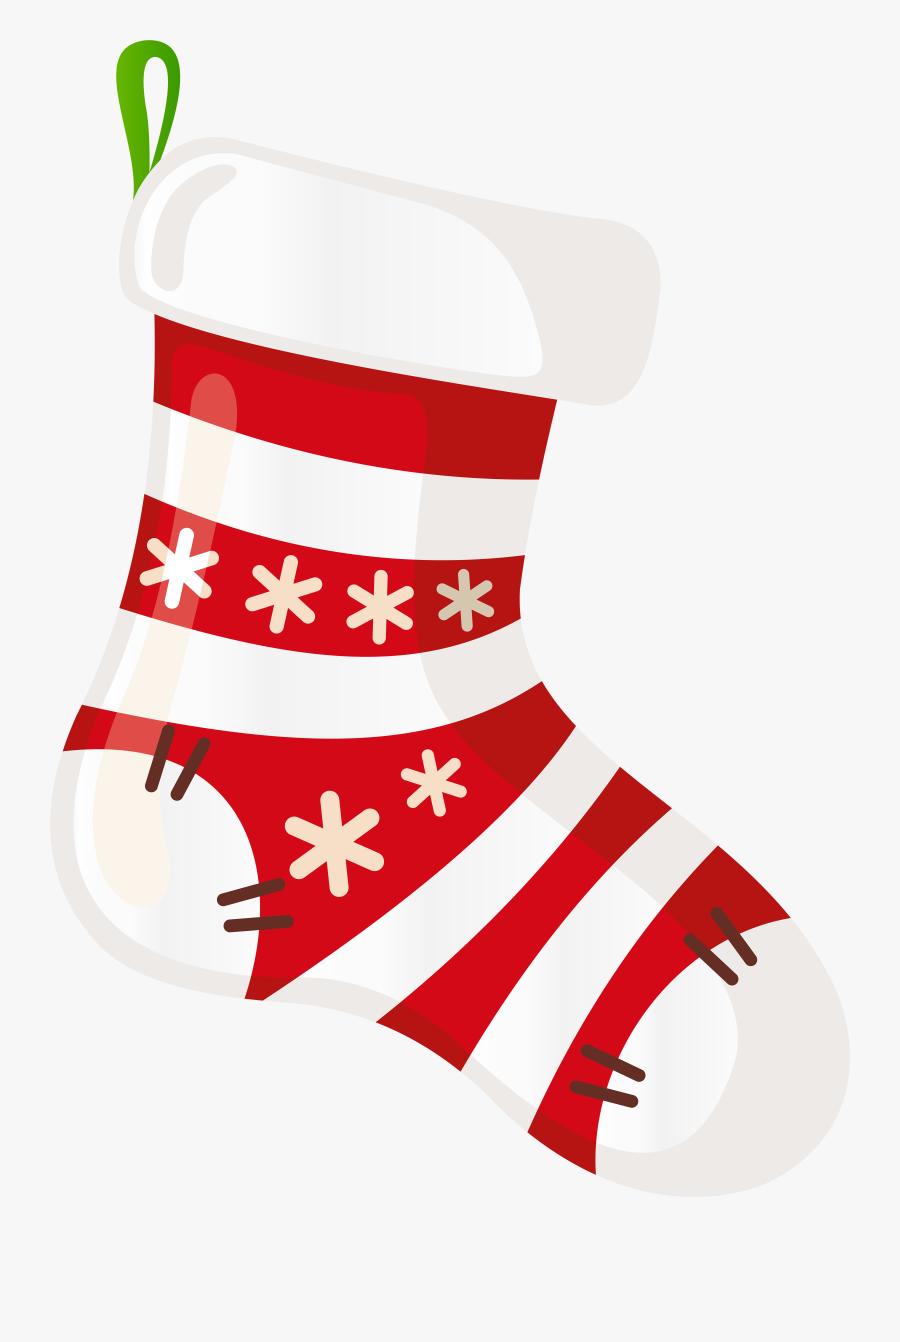 Transparent Stocking Clip Art - Christmas Stocking Png Transparent, Transparent Clipart